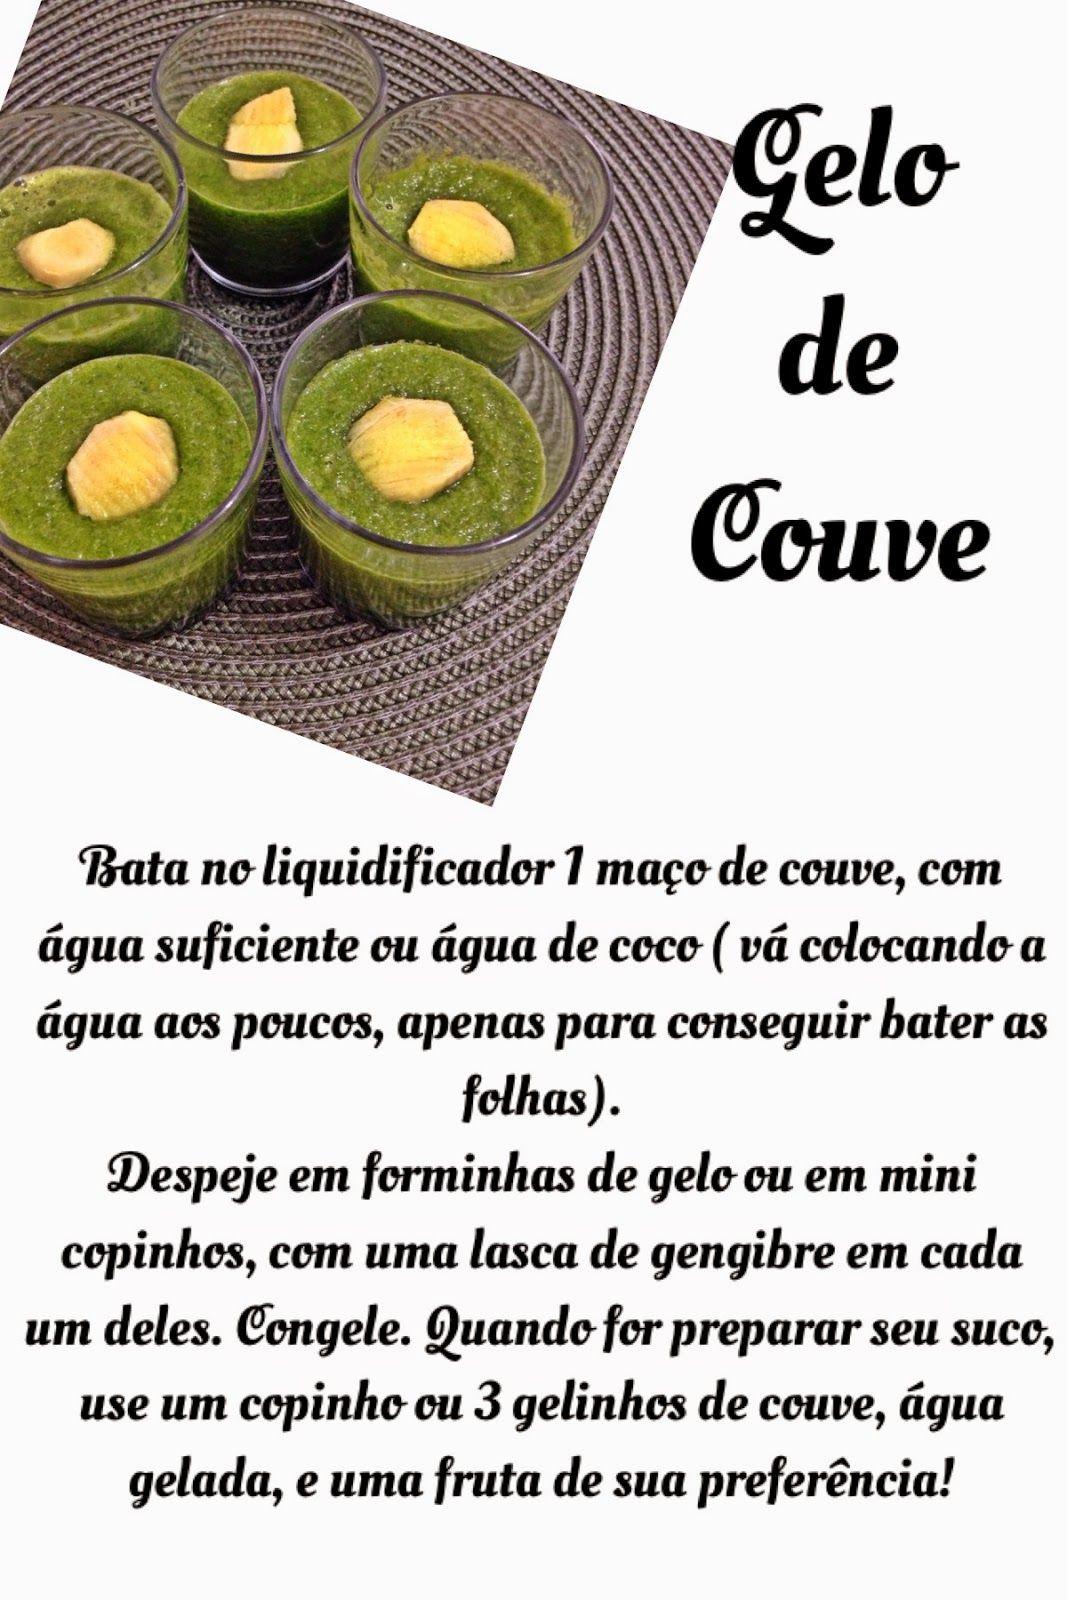 Crepioca Gelos De Couve Leite De Coco Caseiro Balas De Gelatina